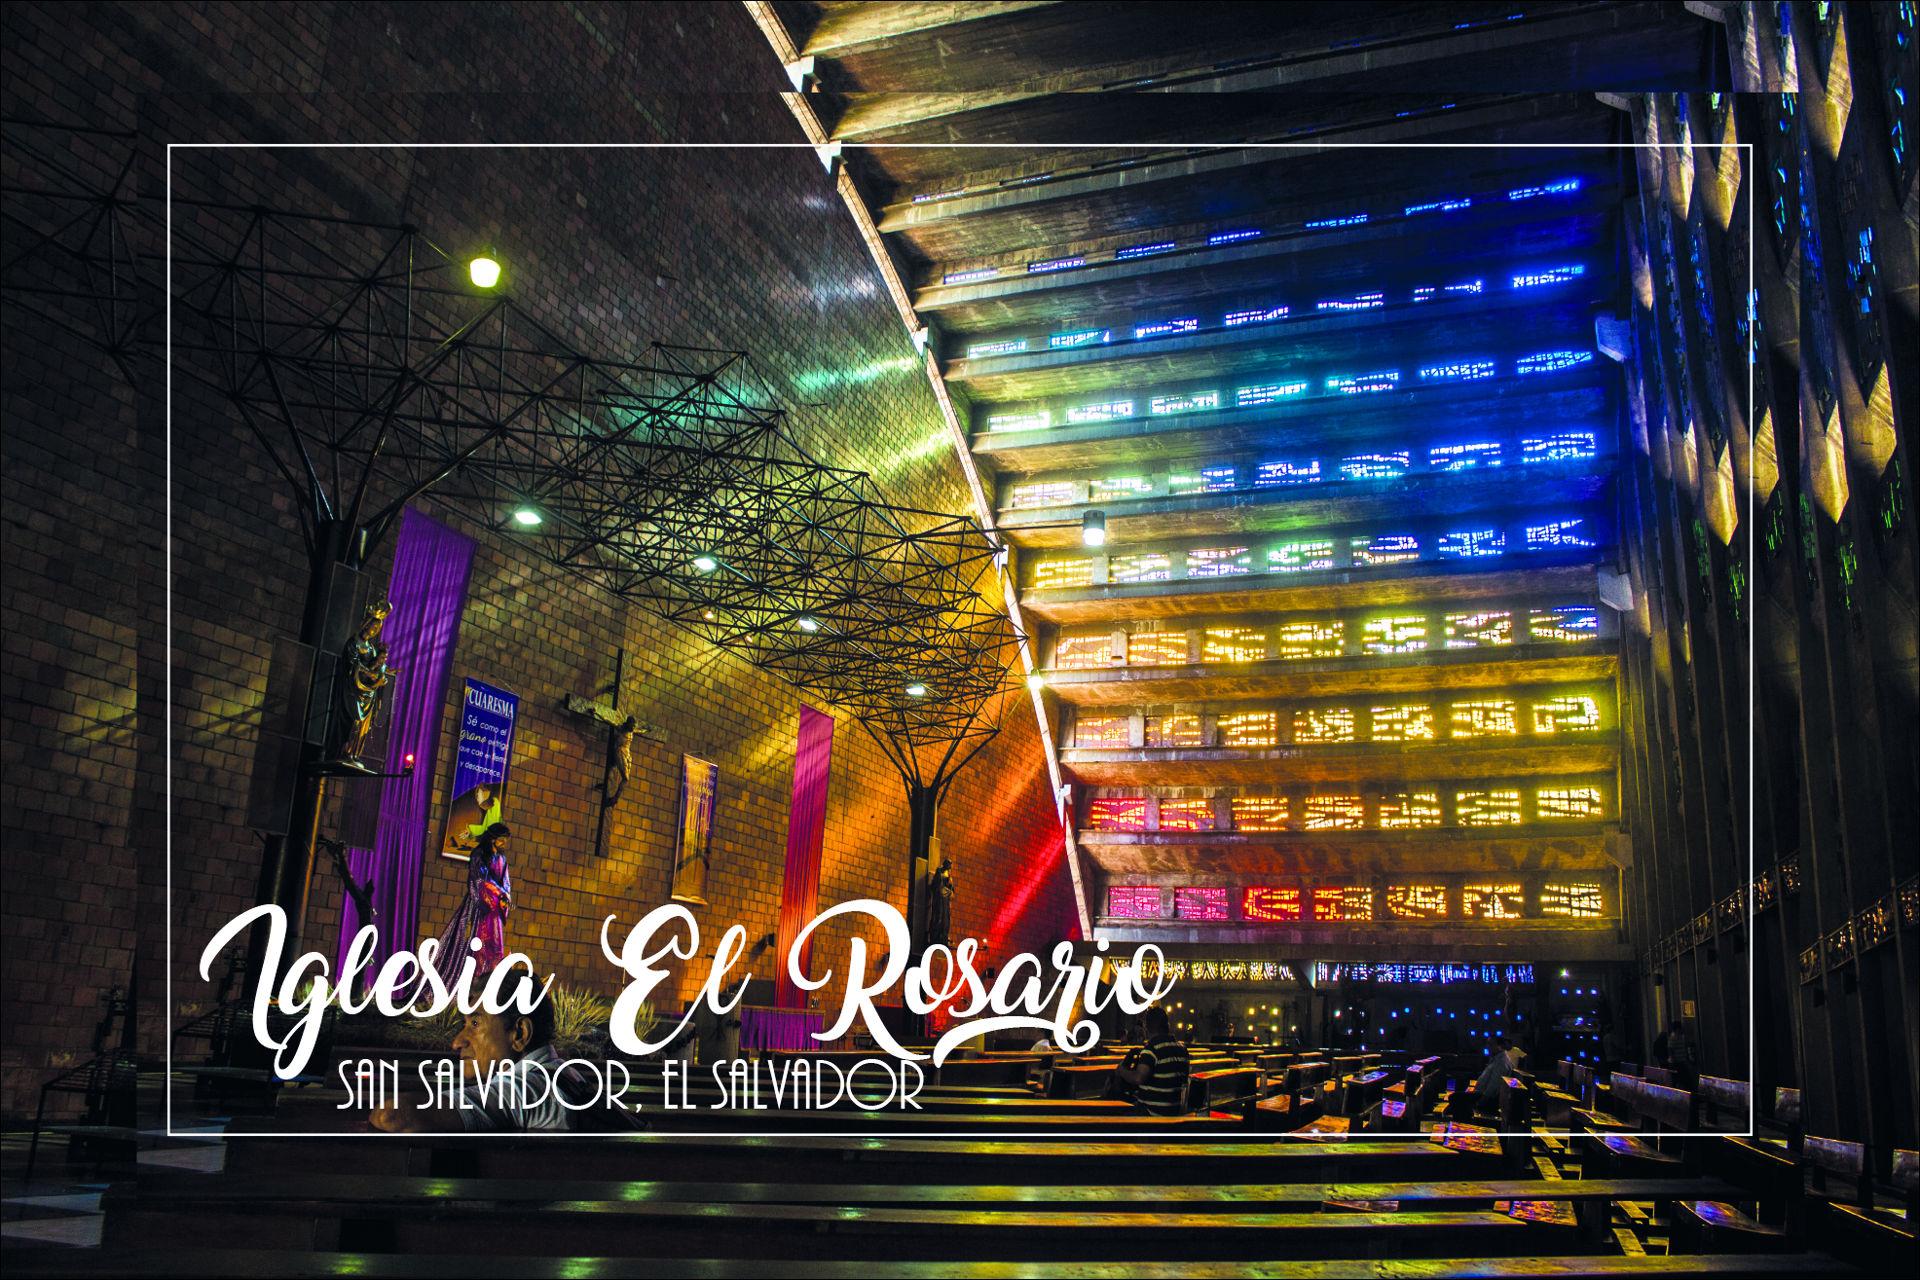 Magneto rectangular iglesia El Rosario, San Salvador